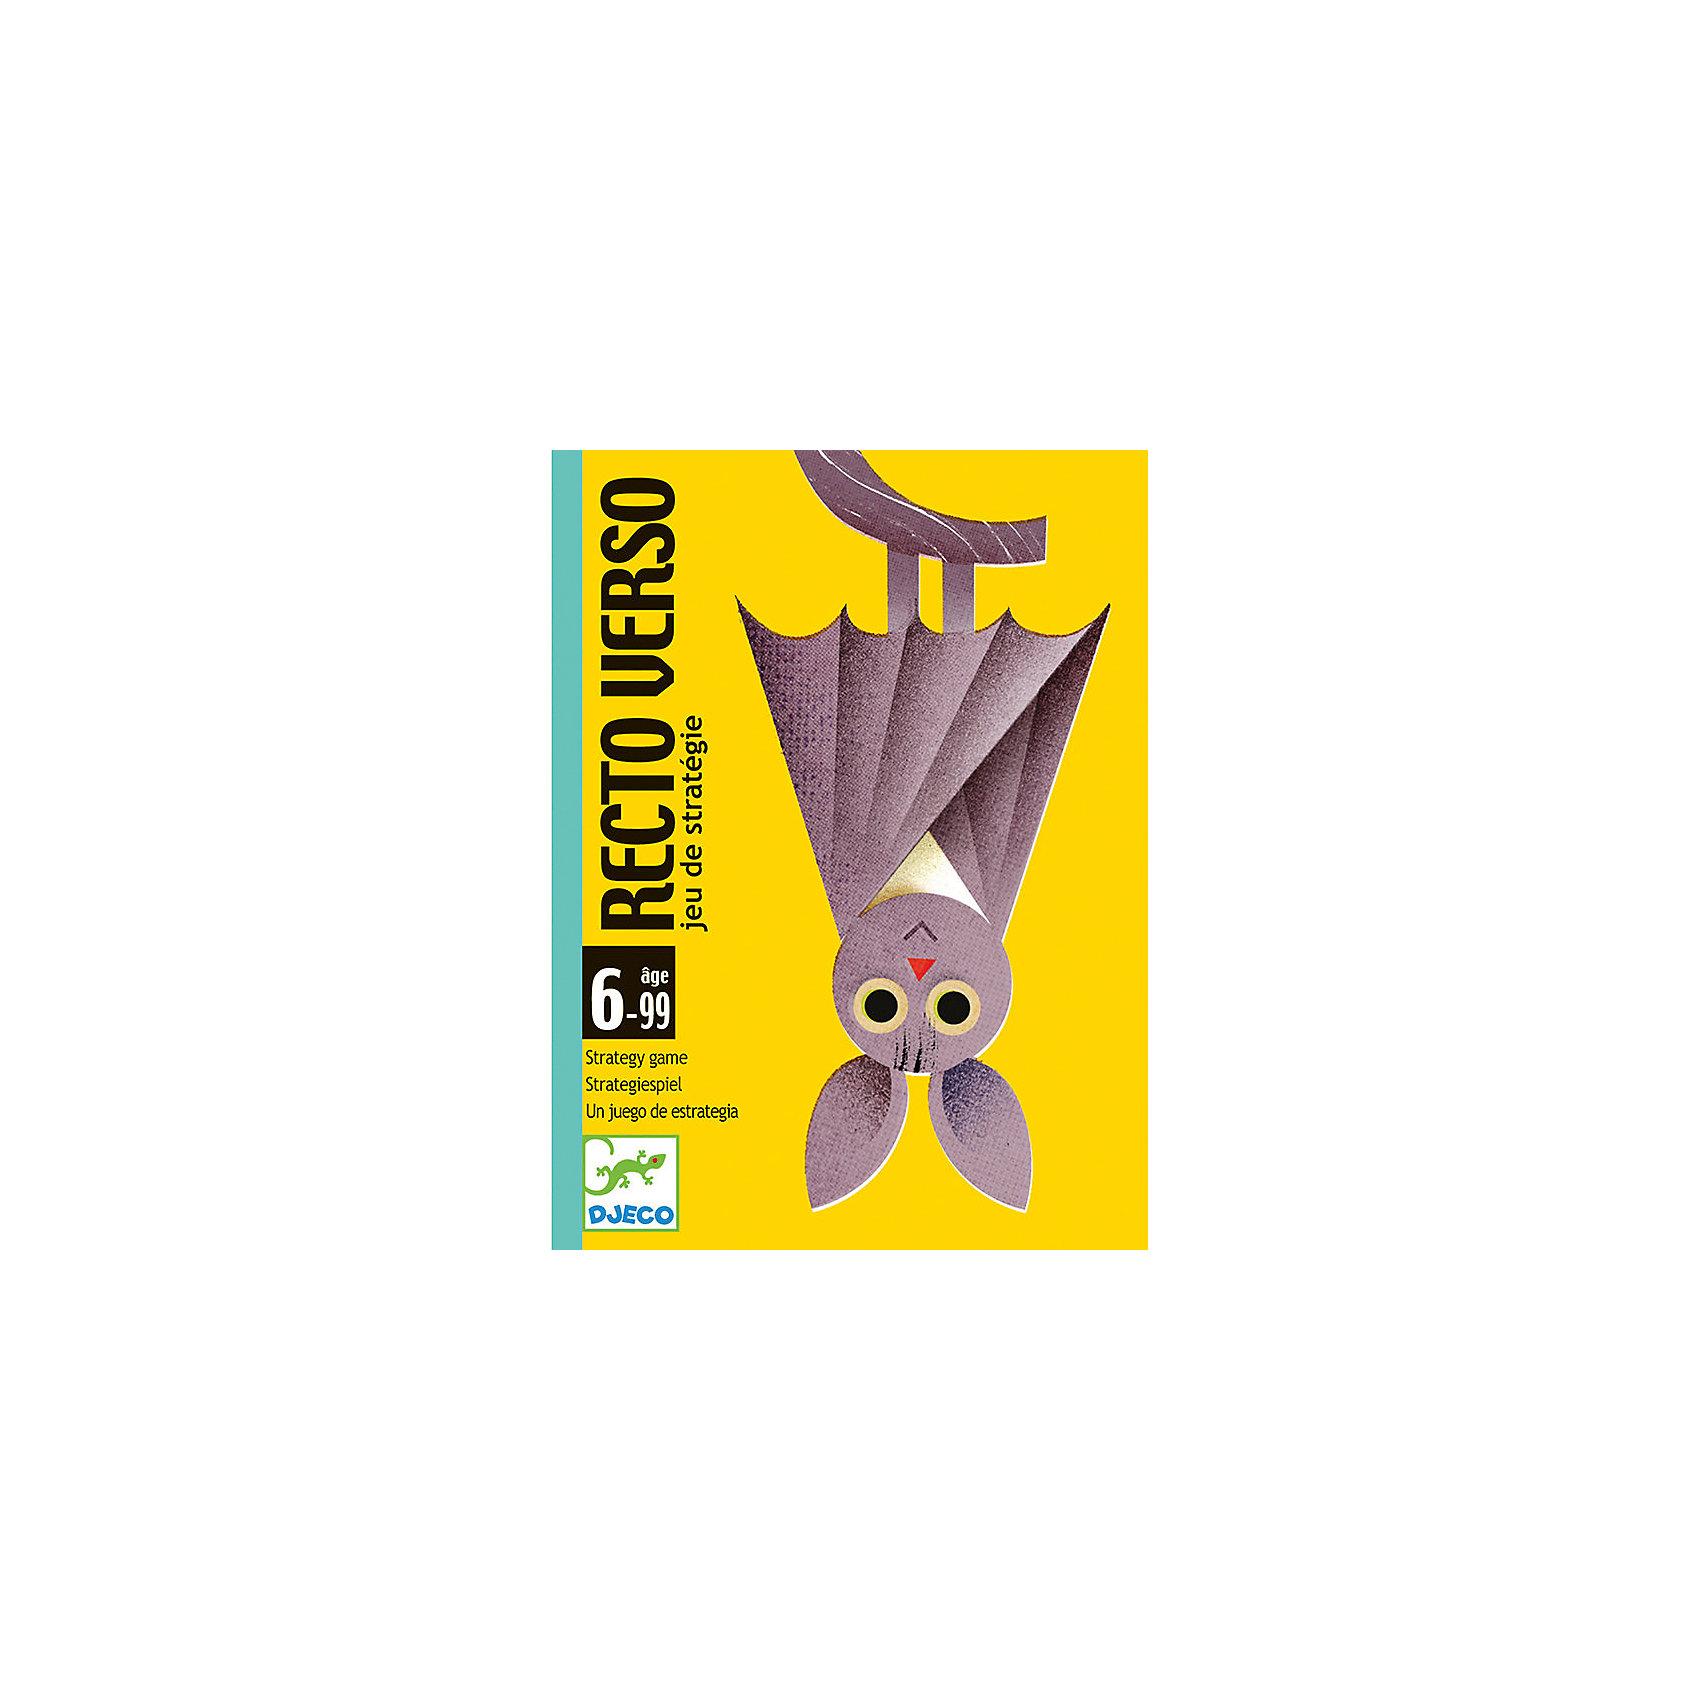 Карточная игра Ректо Версо, DJECOДетская карточная игра Шляпа волшебника от французского производителя Djeco - увлекательная игры для детей и взрослых на скорость и сообразительность. <br><br>Правила игры Шляпа волшебника: <br><br>Целью игры является запомнить карточки. <br><br>Игрокам раздаётся по 3 карточки, которые они просматривают и кладут лицевой стороной вниз. Затем каждый игрок по очереди должен назвать цвет карточки, лежащей сверху. Если цвет назван правильно, игрок имеет право забрать карточку себе. Если же нет, то он кладет ее в общую колоду. Запас карт у игроков постоянно пополняется - они берутся из общей колоды и кладутся в низ стопки. <br><br>На некоторых картах содержится изображение шляпы волшебника: если игроку попадается такая карта, то все участники должны стукнуть ладонью по центру стола. Тот, кто сделал это последним, в качестве штрафа отдает одну из выигранных карточек. То же происходит, если кто-то ударил ладонью по столу по ошибке (на карте не было изображения шляпы волшебника). Также, для усложнения игры, на картах изображены различные значки: увидев их, участники должны совершить определенные действия, например, взять еще одну карточку из общей колоды, поменяться своими карточками с игроком слева и так далее. <br><br>Игра заканчивается, когда заканчиваются карточки в общей колоде. Победителем считается набравший больше всего карточек. <br><br>Изображения на карточках очень красочные и необычные. Малышам обязательно понравится не только играть с ними, но и рассматривать красивые картинки. <br><br>Игра продается в красочной яркой коробке, в которой можно хранить карточки. Игру удобно брать с собой в поездку или в гости. <br><br>Игра Шляпа волшебника прекрасно развивает быстроту реакции и наблюдательность ребенка, она станет прекрасным развлечением во время семейных вечером, а также подойдет для любого детского праздника. <br><br>Количество игроков: 2-4 человека.<br>Рекомендована для детей от 6 лет.<br>Ориентировочное время игры: 15-30 минут.